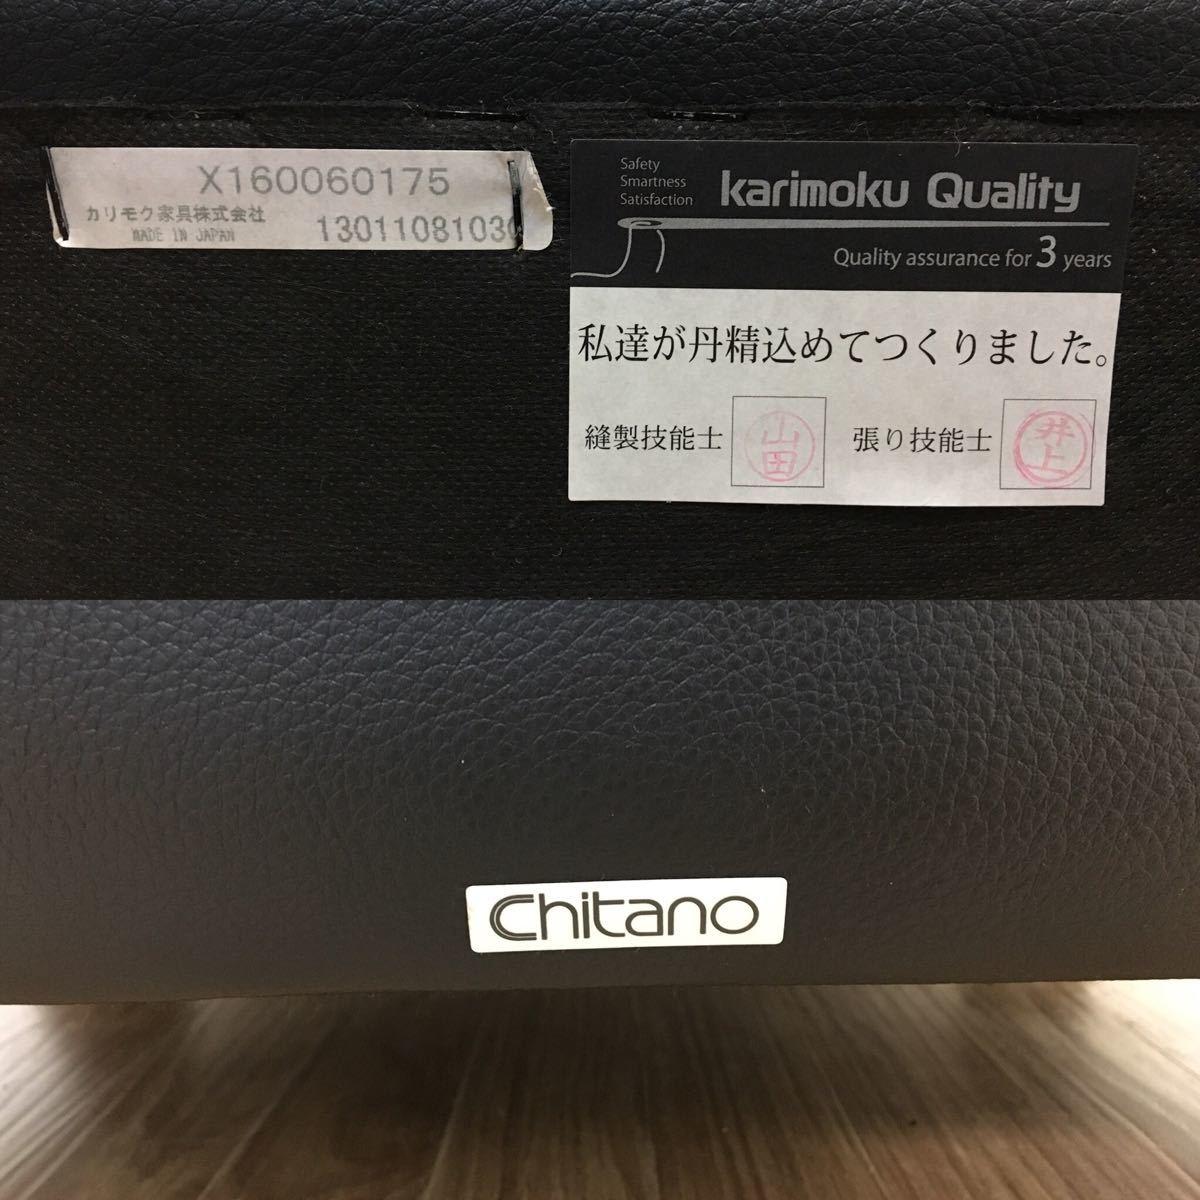 ◇ karimoku quality カリモク Chitano チターノ 高級 本革 レザー オットマン スツール ブラック◇_画像10